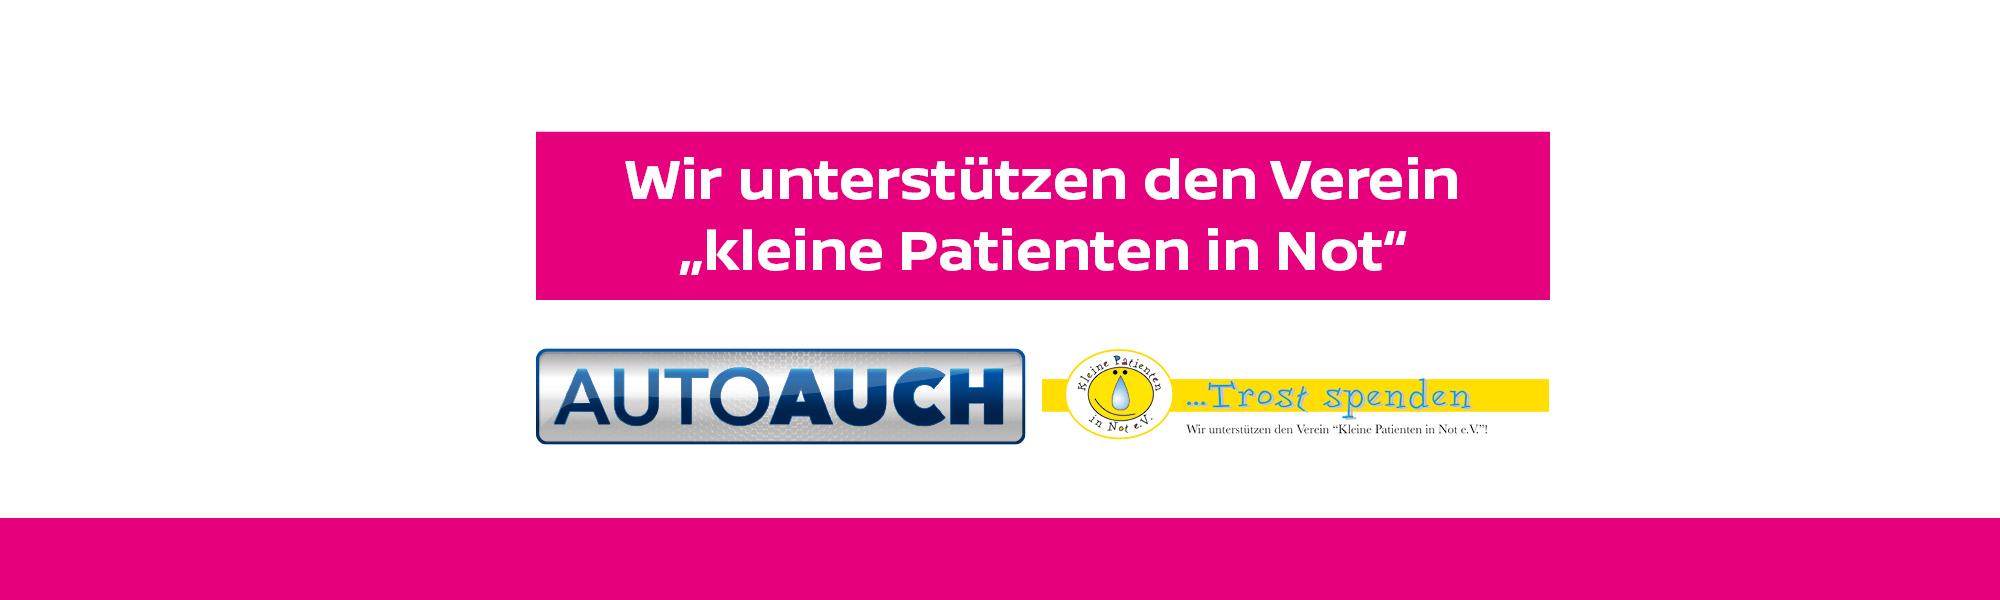 """Wir unterstützen den Verein """"Kleine Patienten in Not e.V."""""""